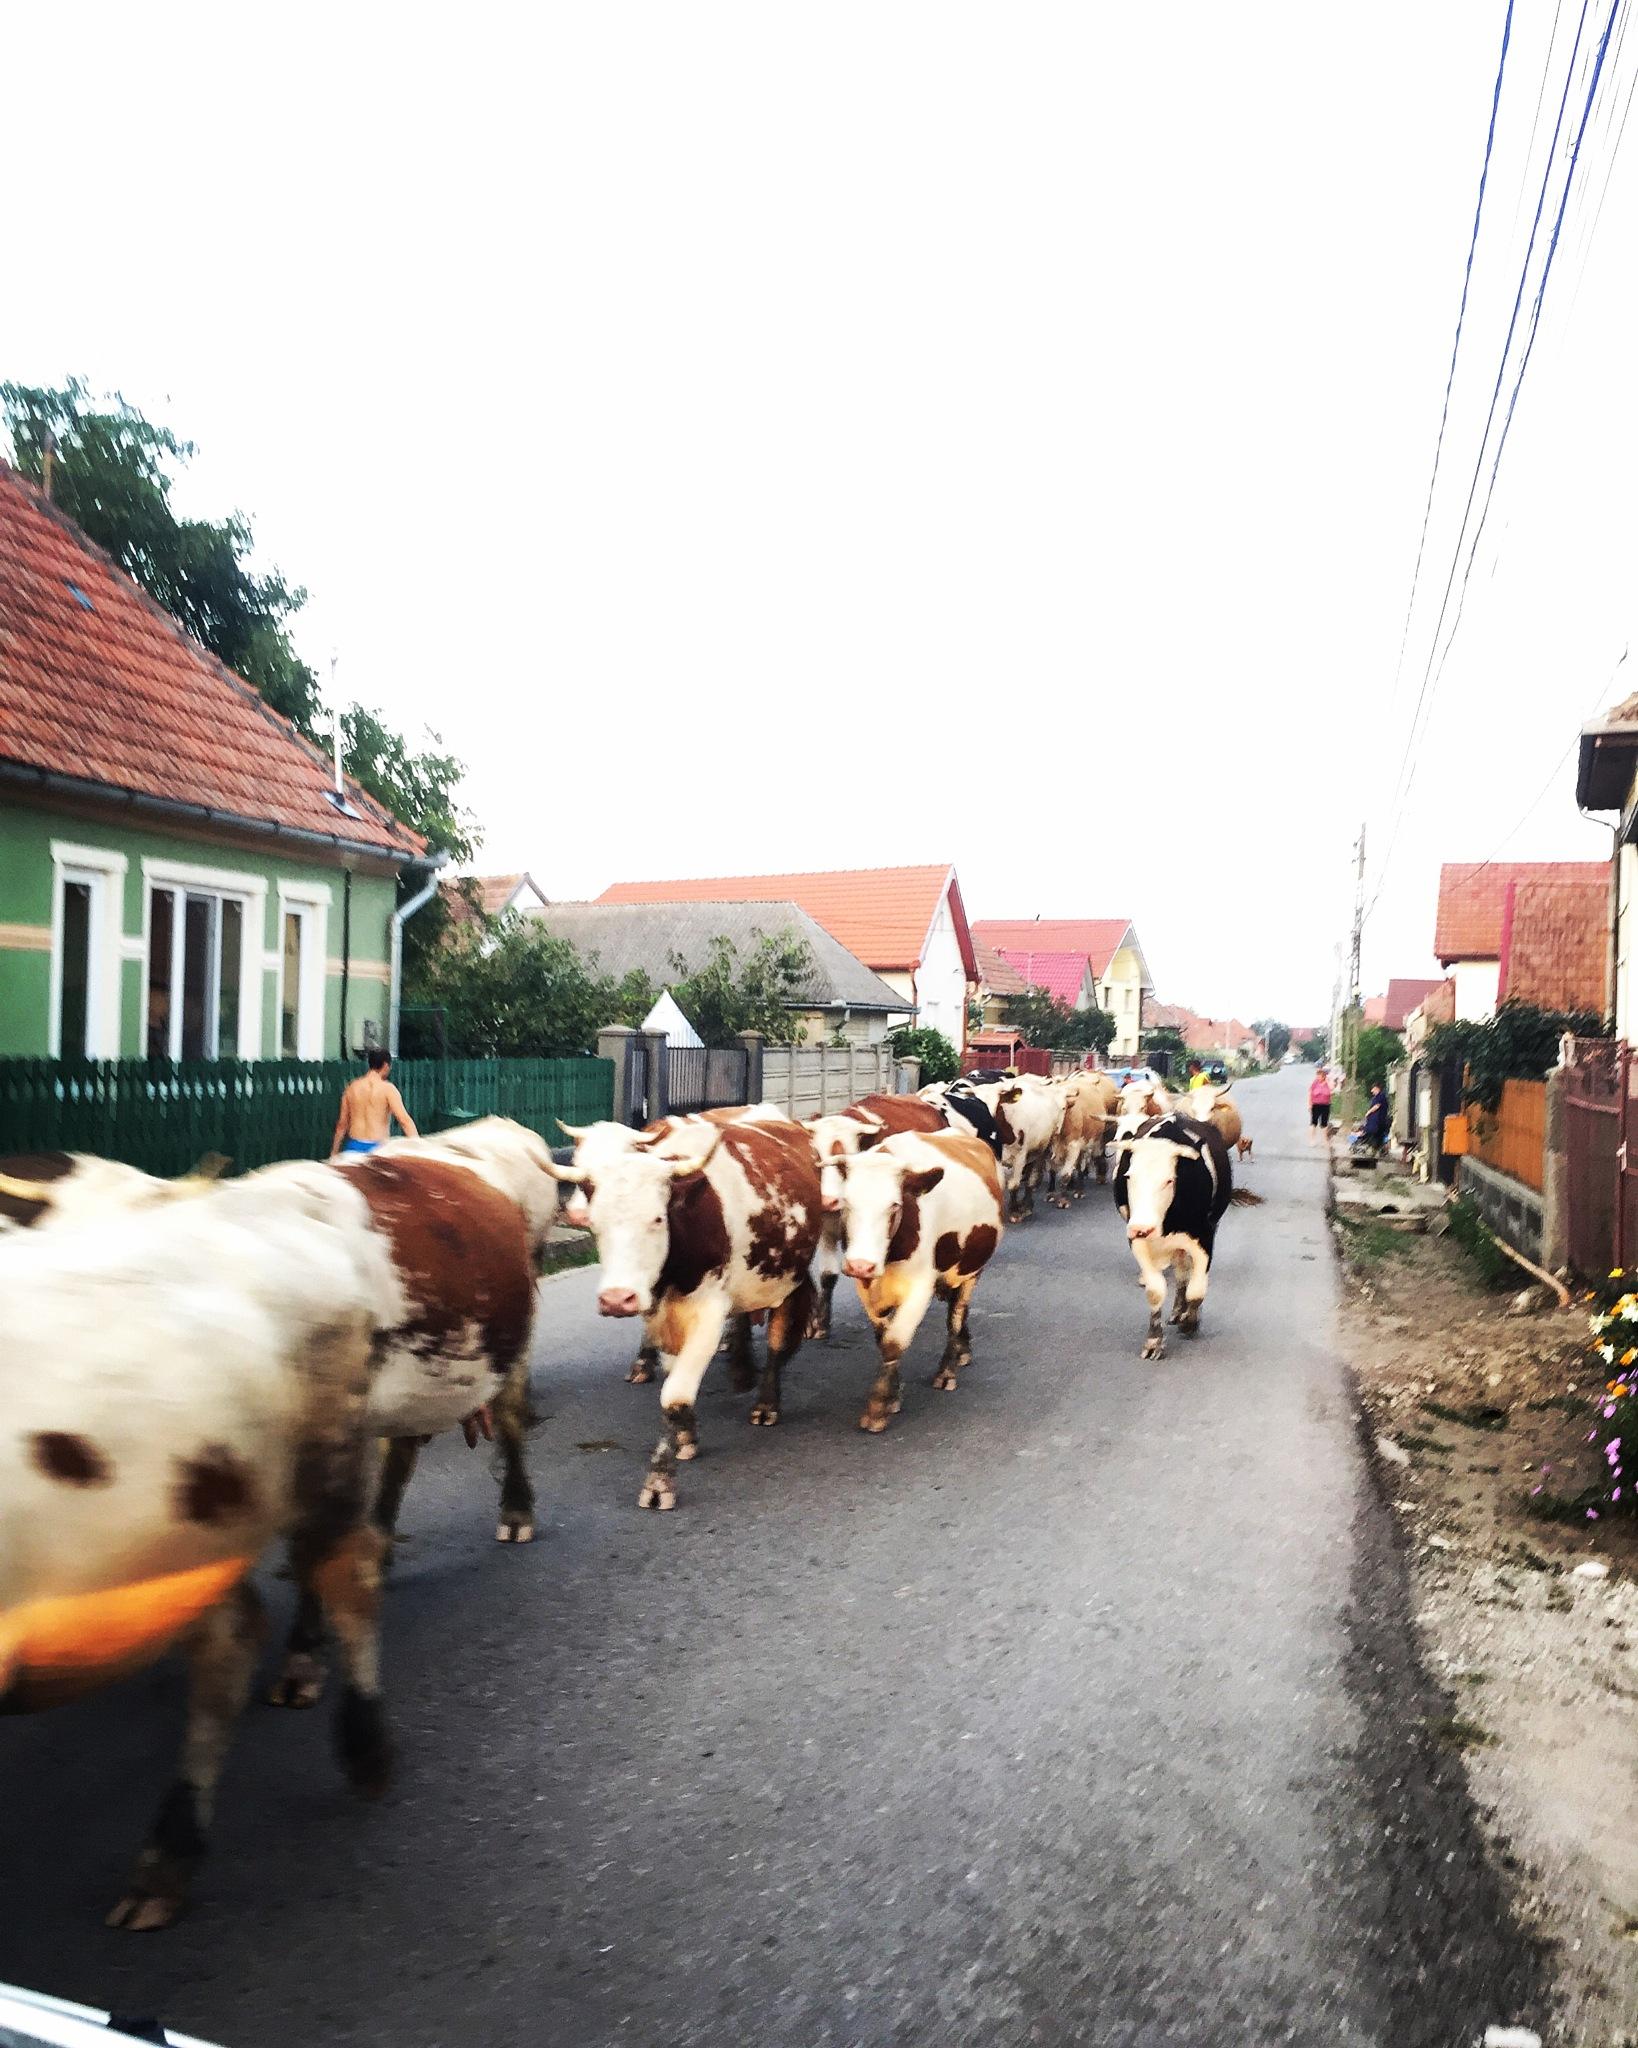 Traffic jam  by DanielaE